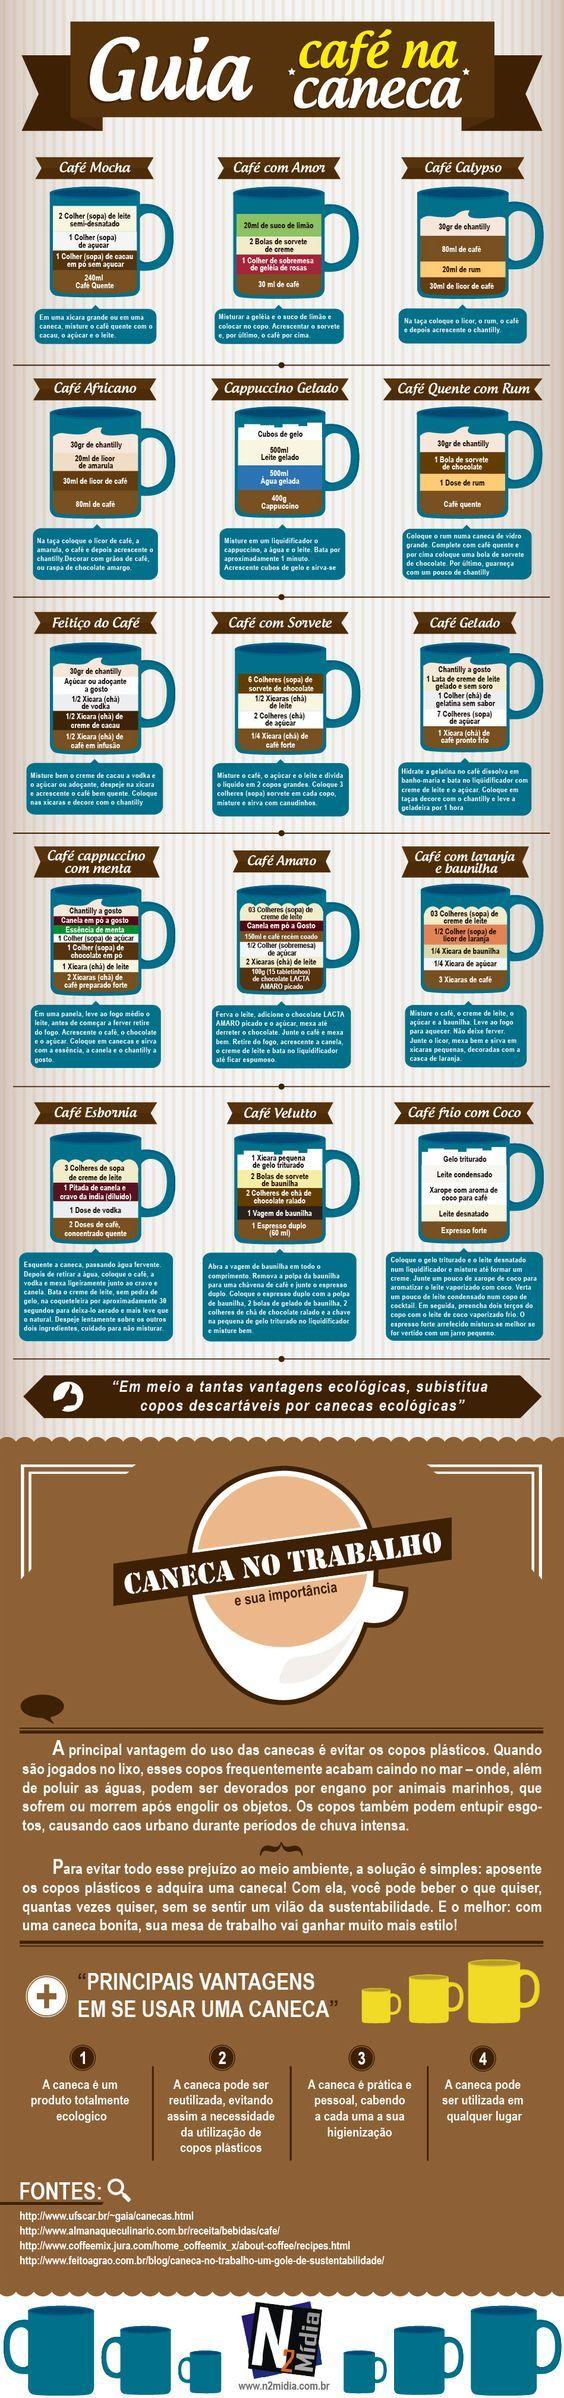 #CAFÉ QUE FAZ BEM! Se é bom p/ o meio ambiente, pra gente é ainda melhor.... Agora só quero caneca deliciosa!!